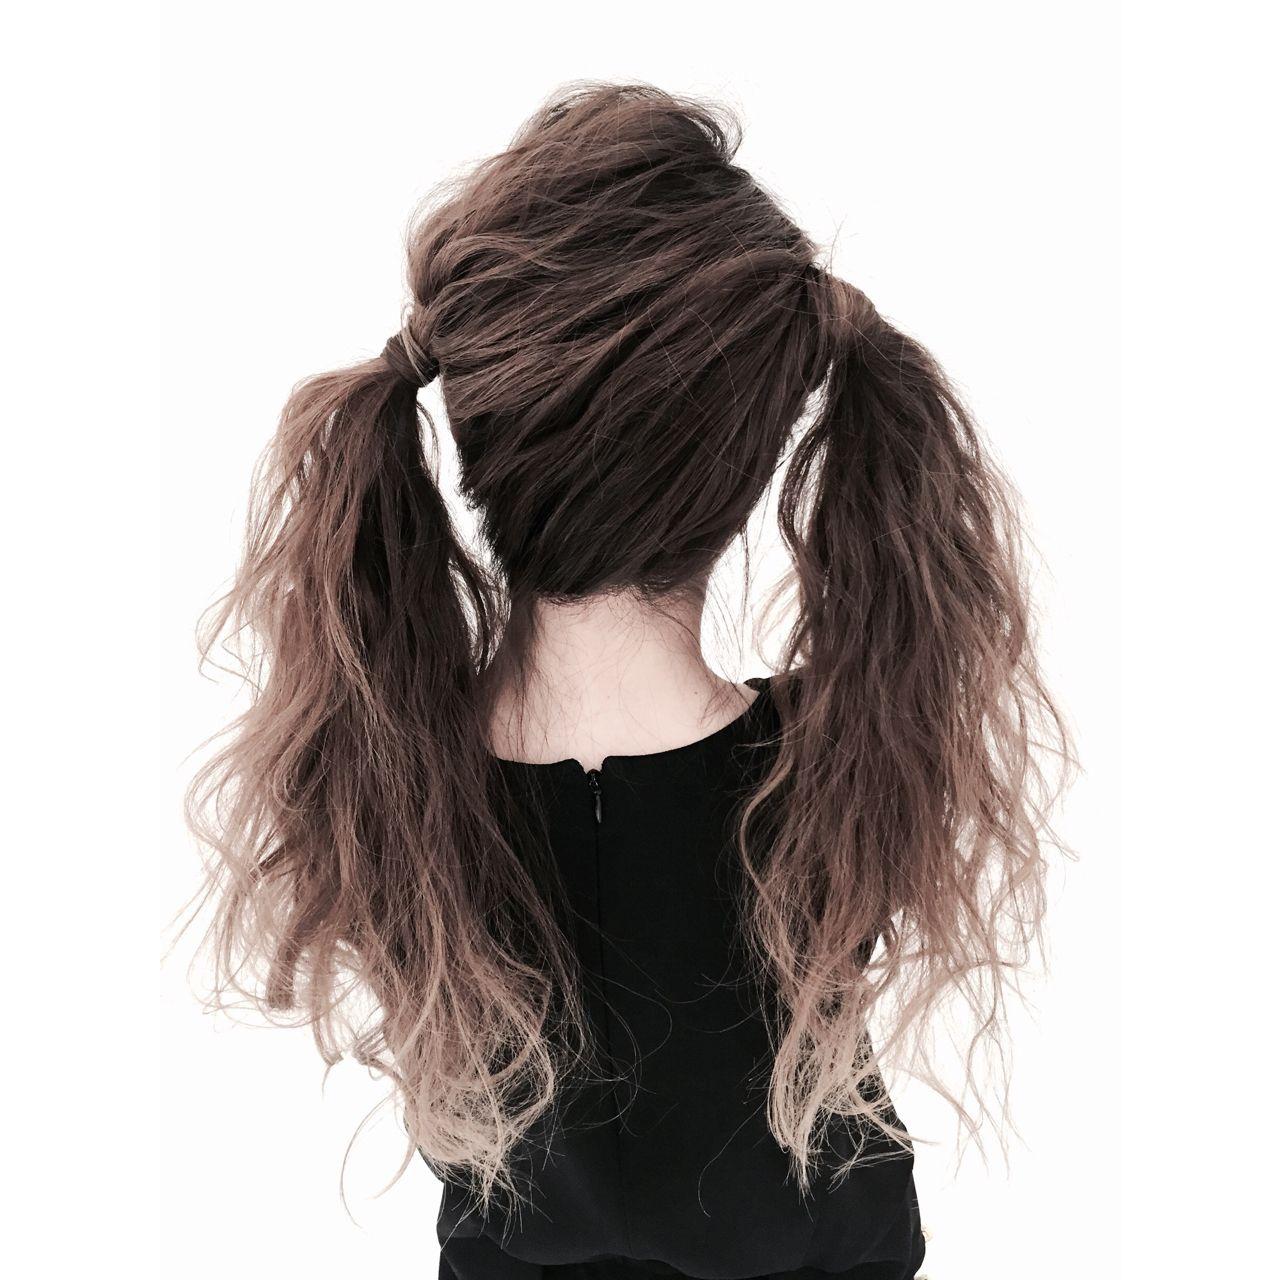 アップスタイル ヘアアレンジ ガーリー ツインテール ヘアスタイルや髪型の写真・画像 | 遠藤 隆弘 / air-OSAKA